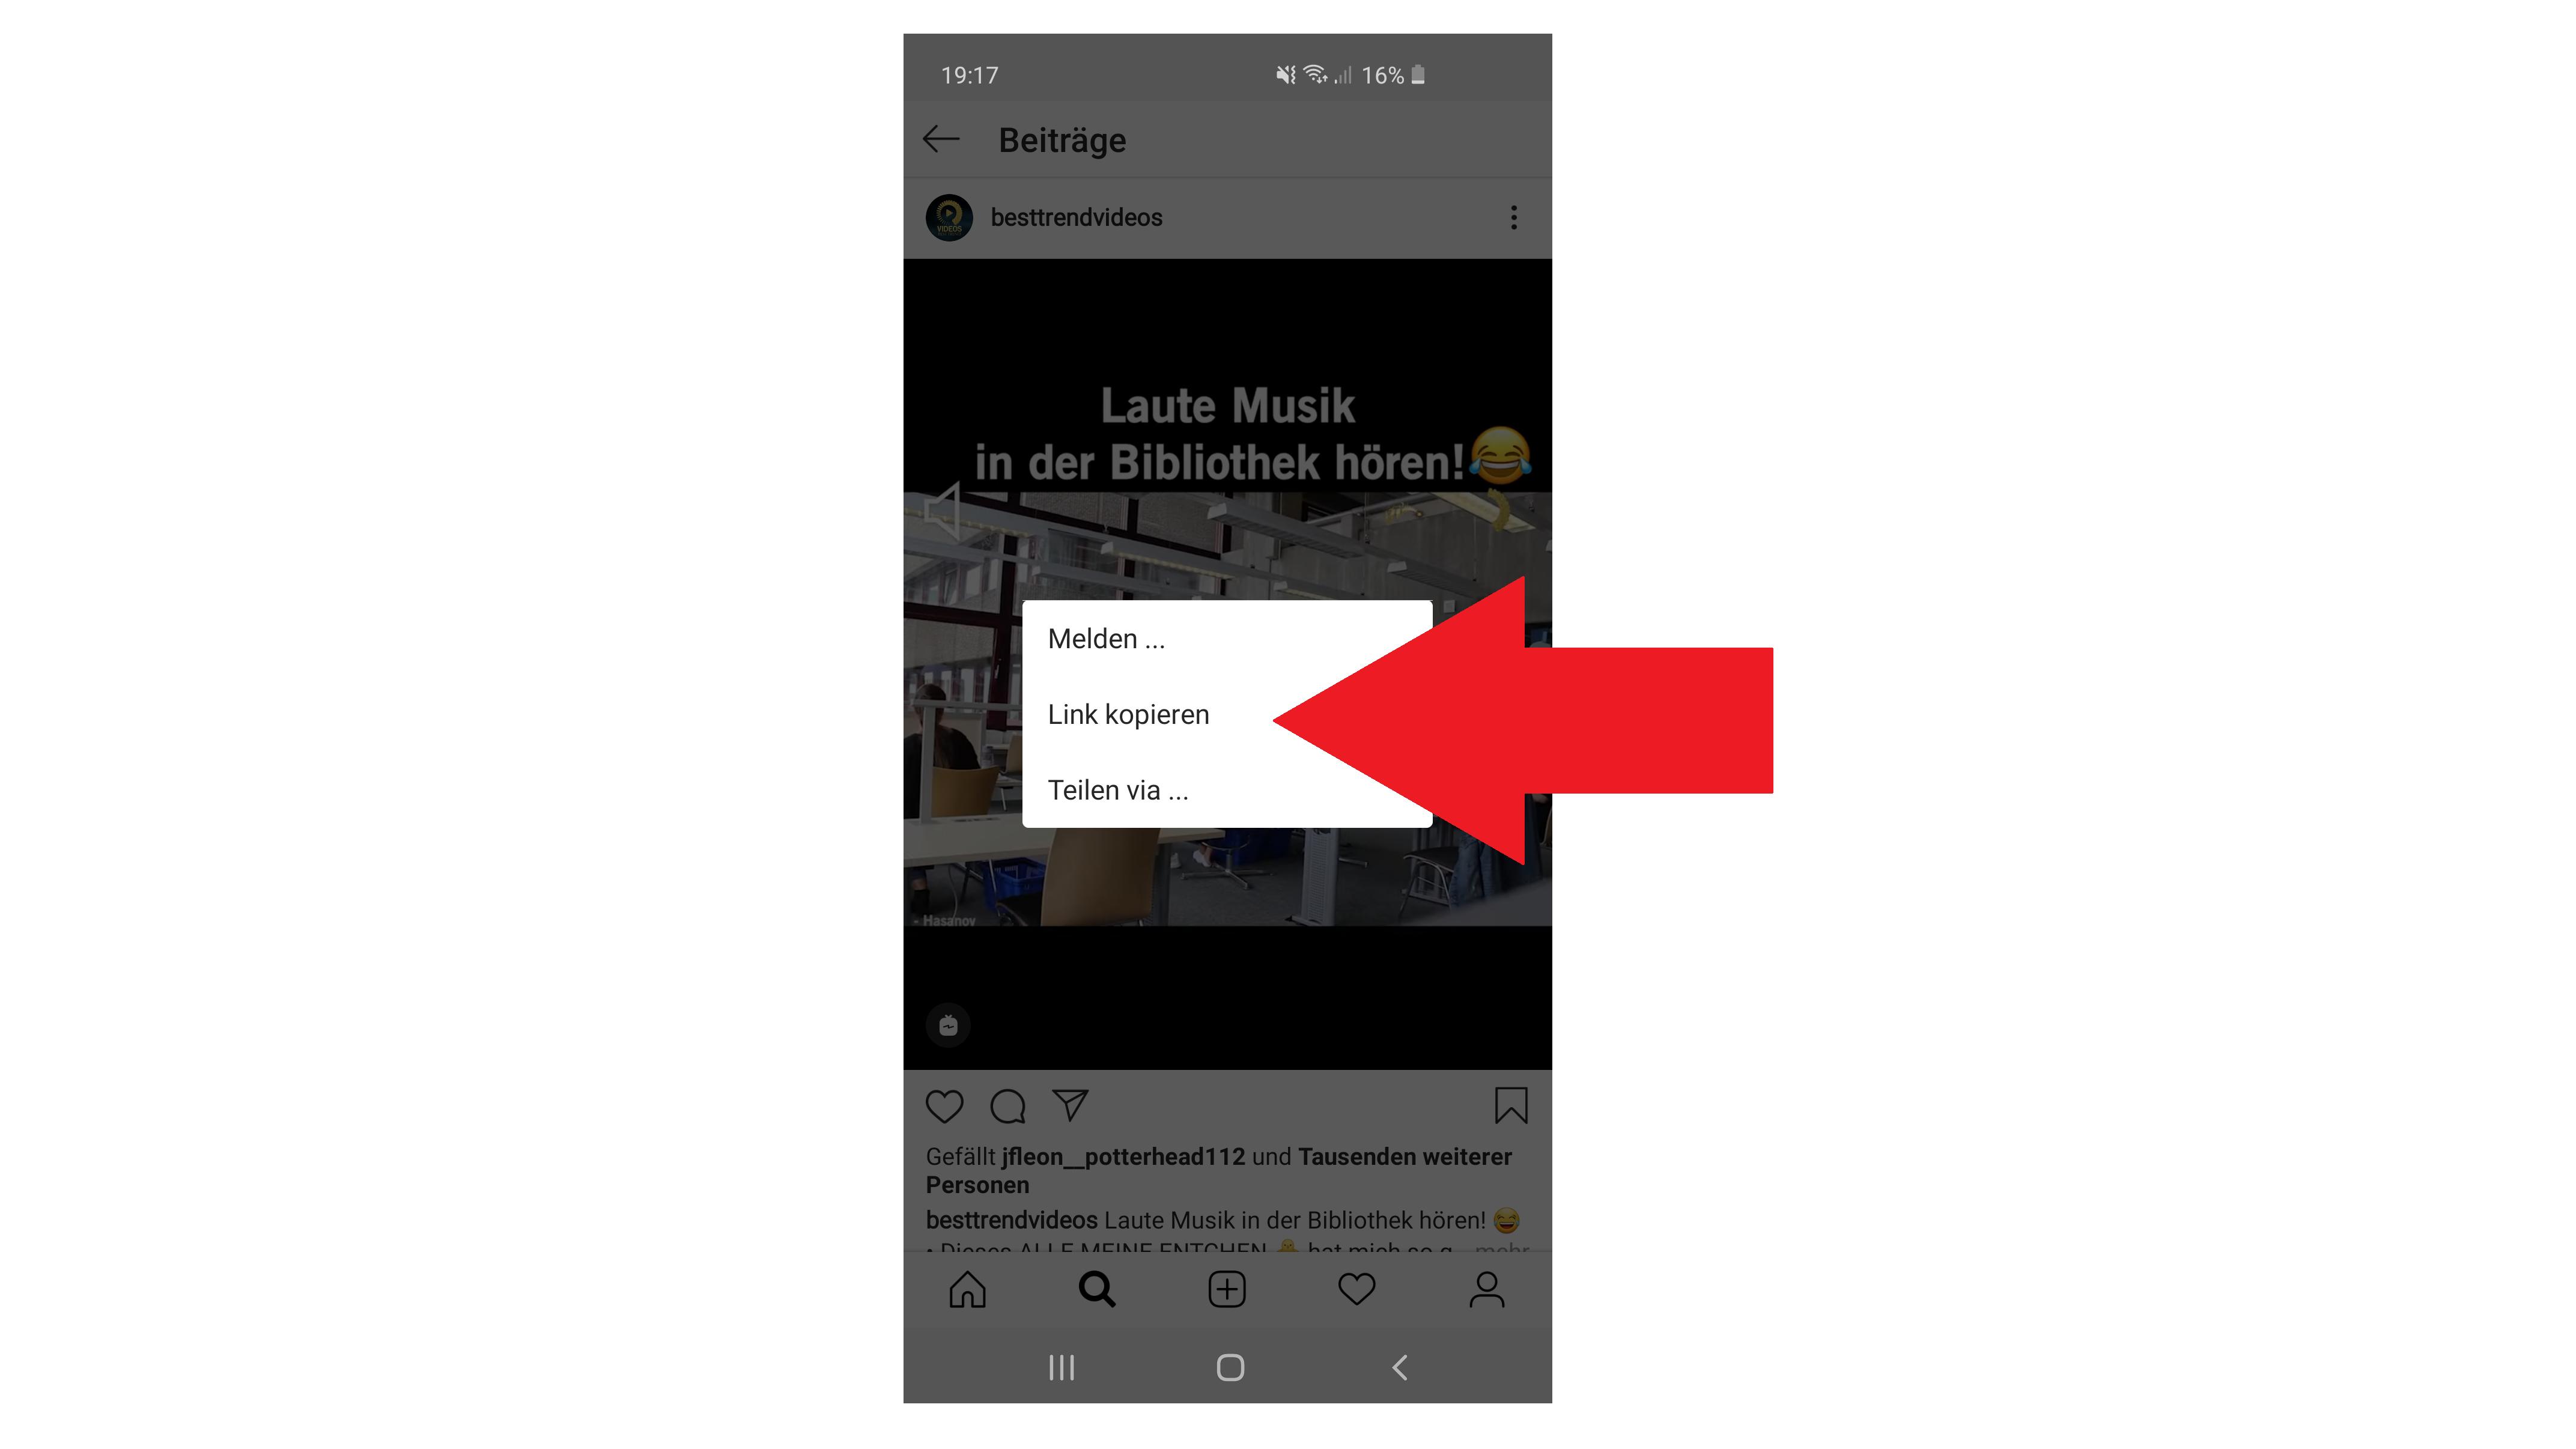 Instagram: Video per App downloaden